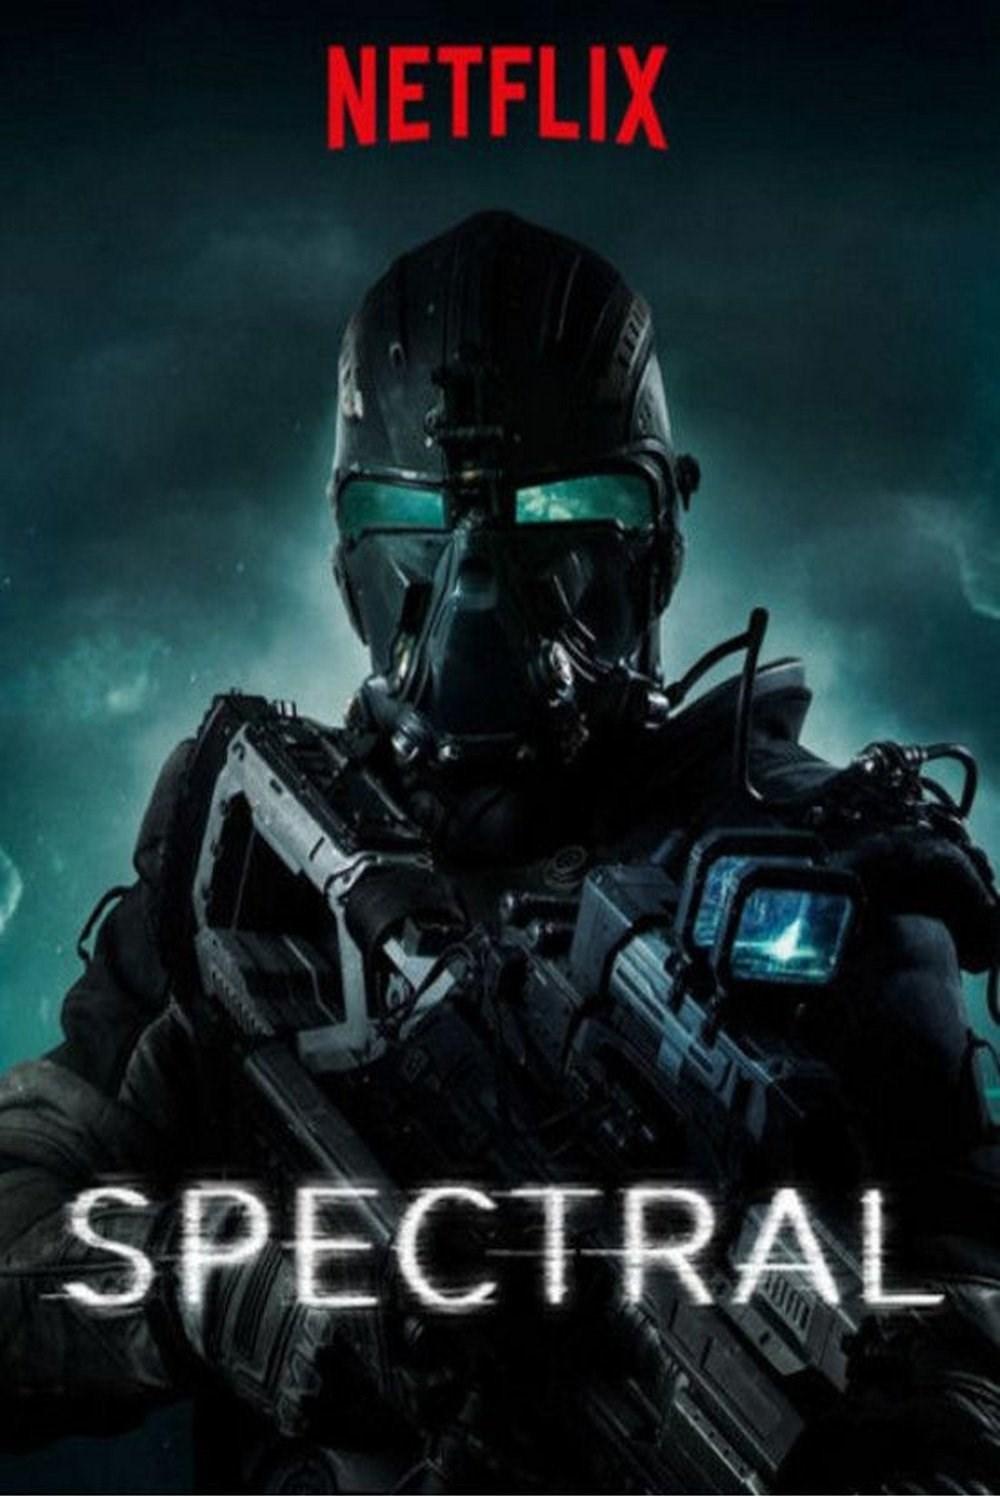 مشاهدة وتحميل فيلم Spectral 2016 WEBRip 720p مترجم اون لاين